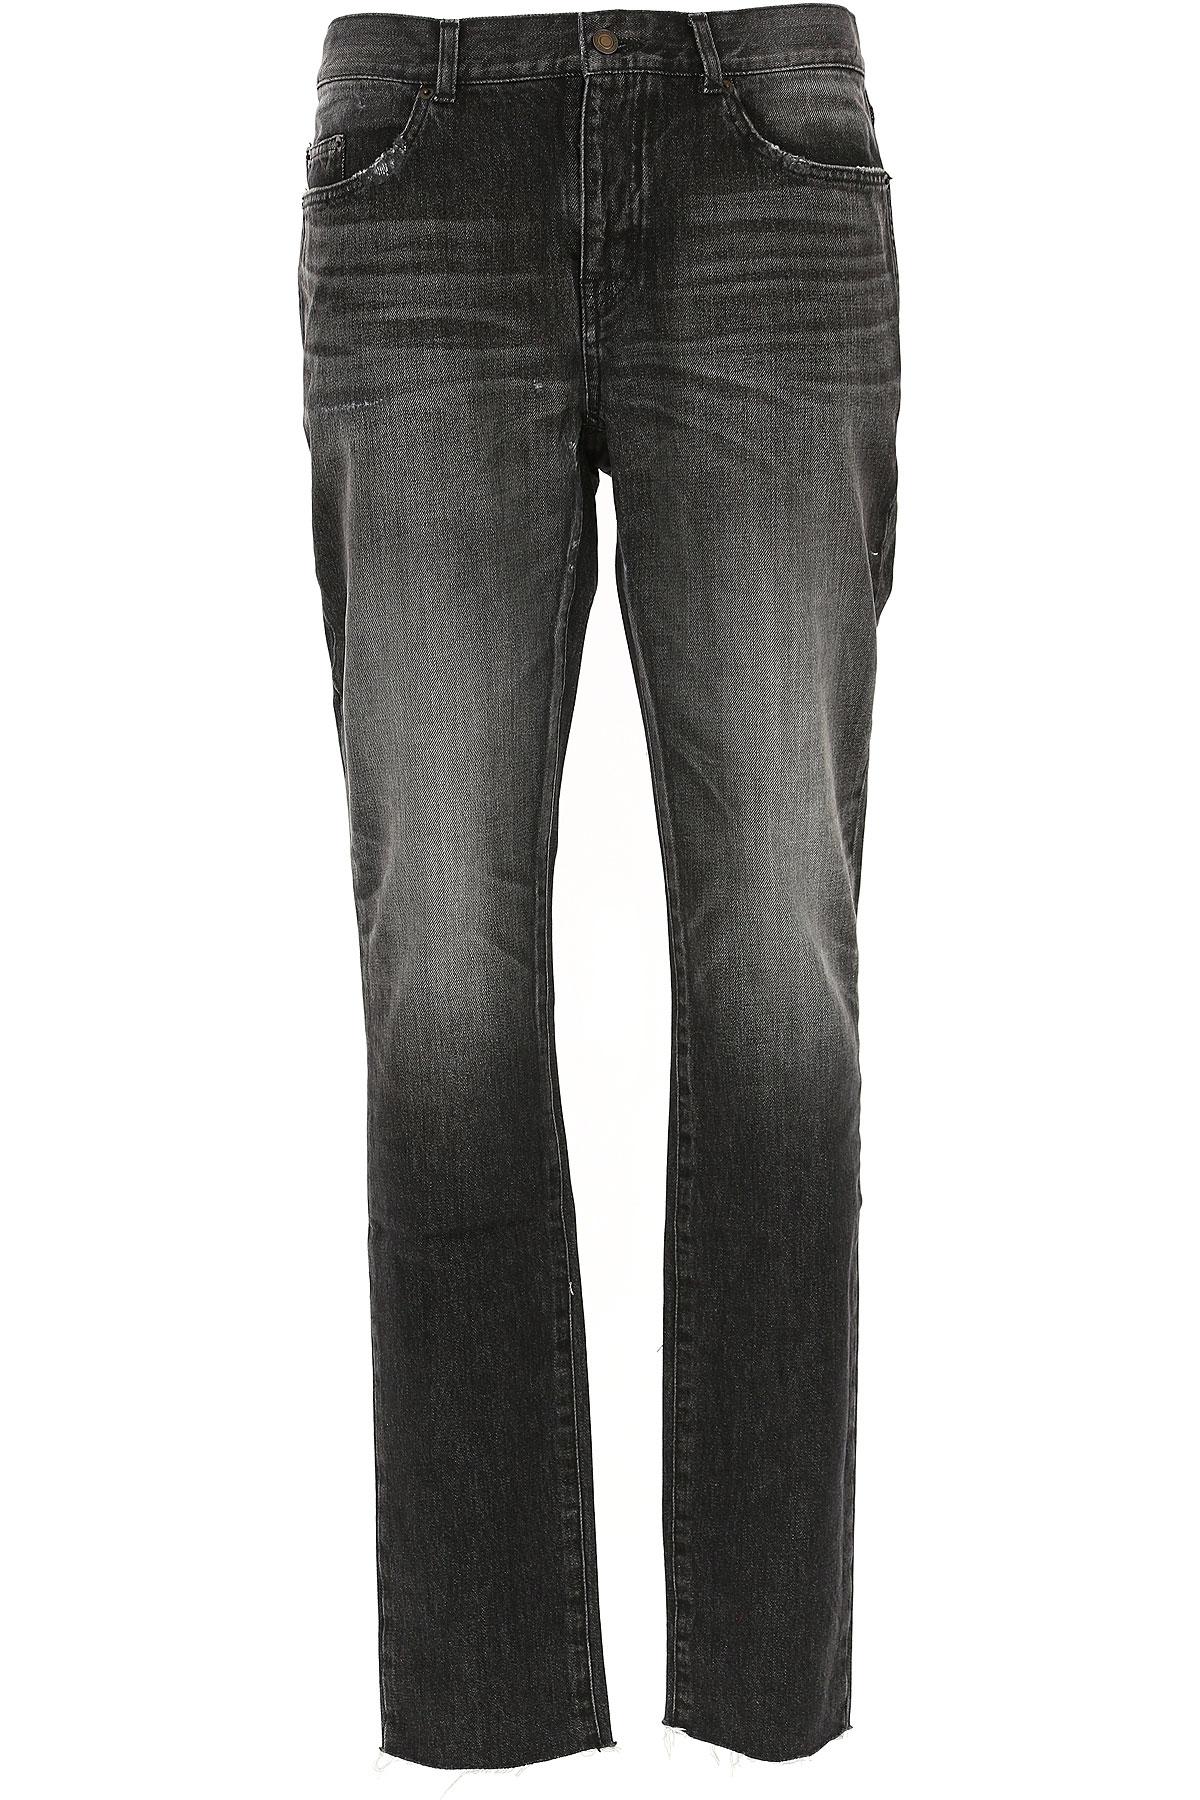 Yves Saint Laurent Jeans On Sale, Dirty Black, Cotton, 2017, 30 31 32 33 34